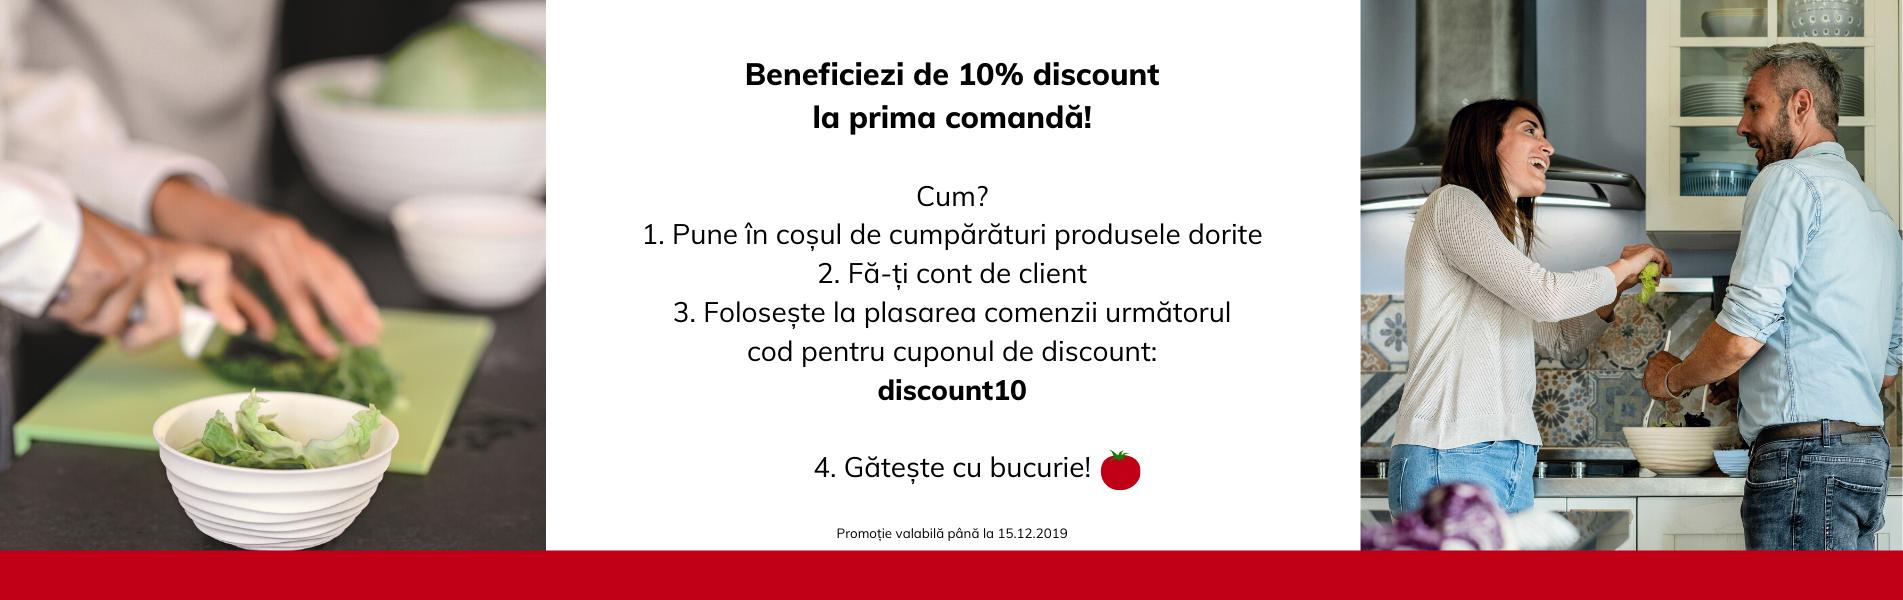 10% disc prima comanda, lansare site